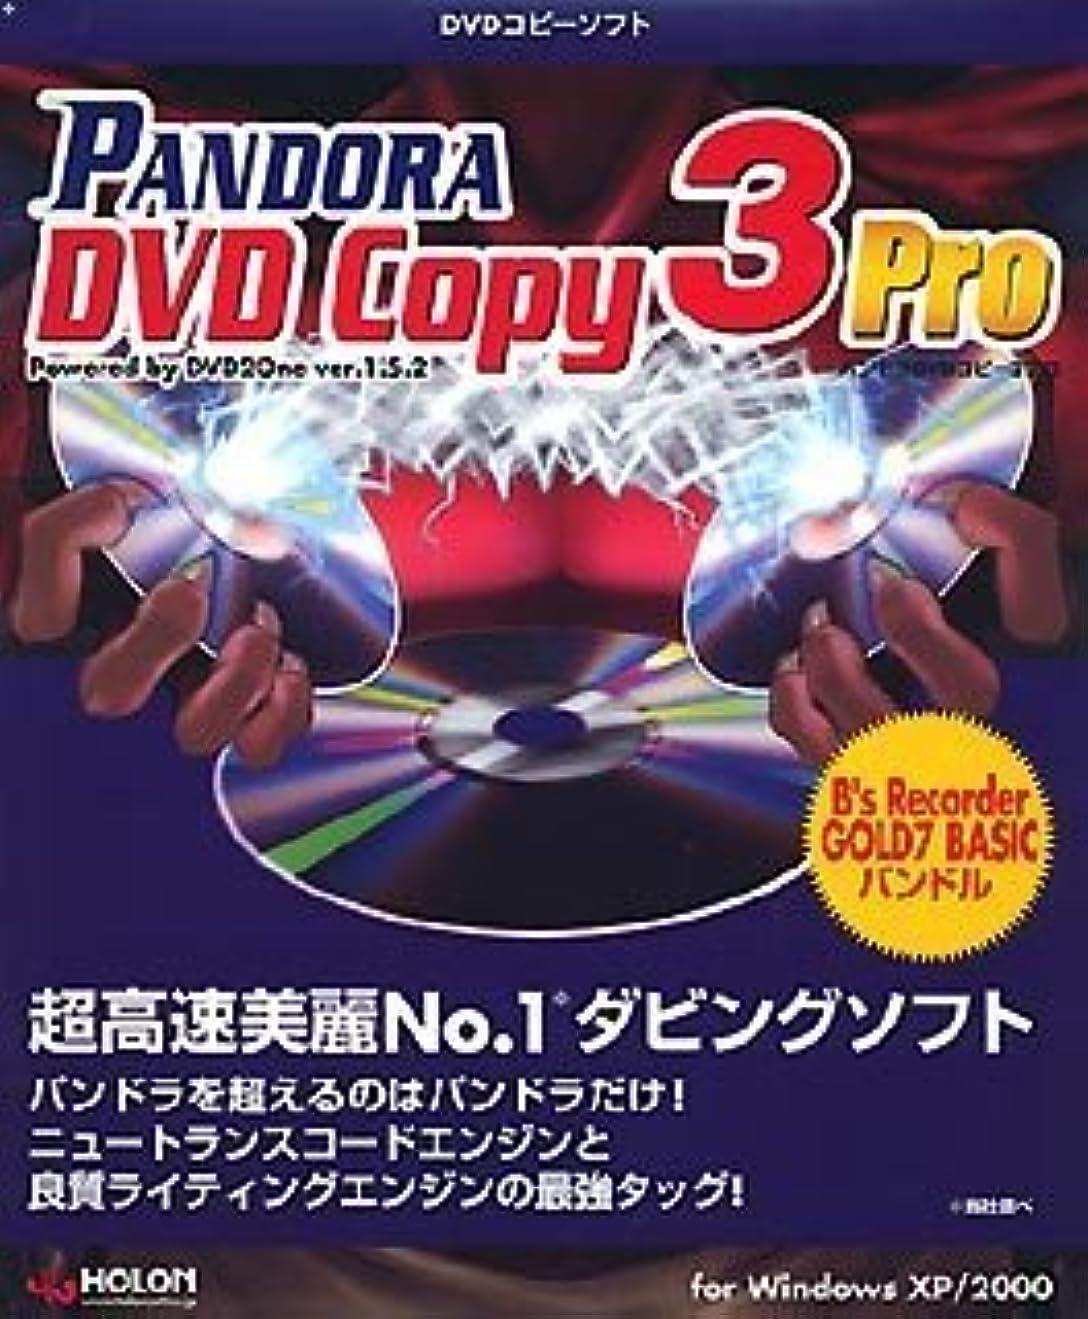 スカーフ不一致極めて重要なPandora DVD Copy 3 Pro